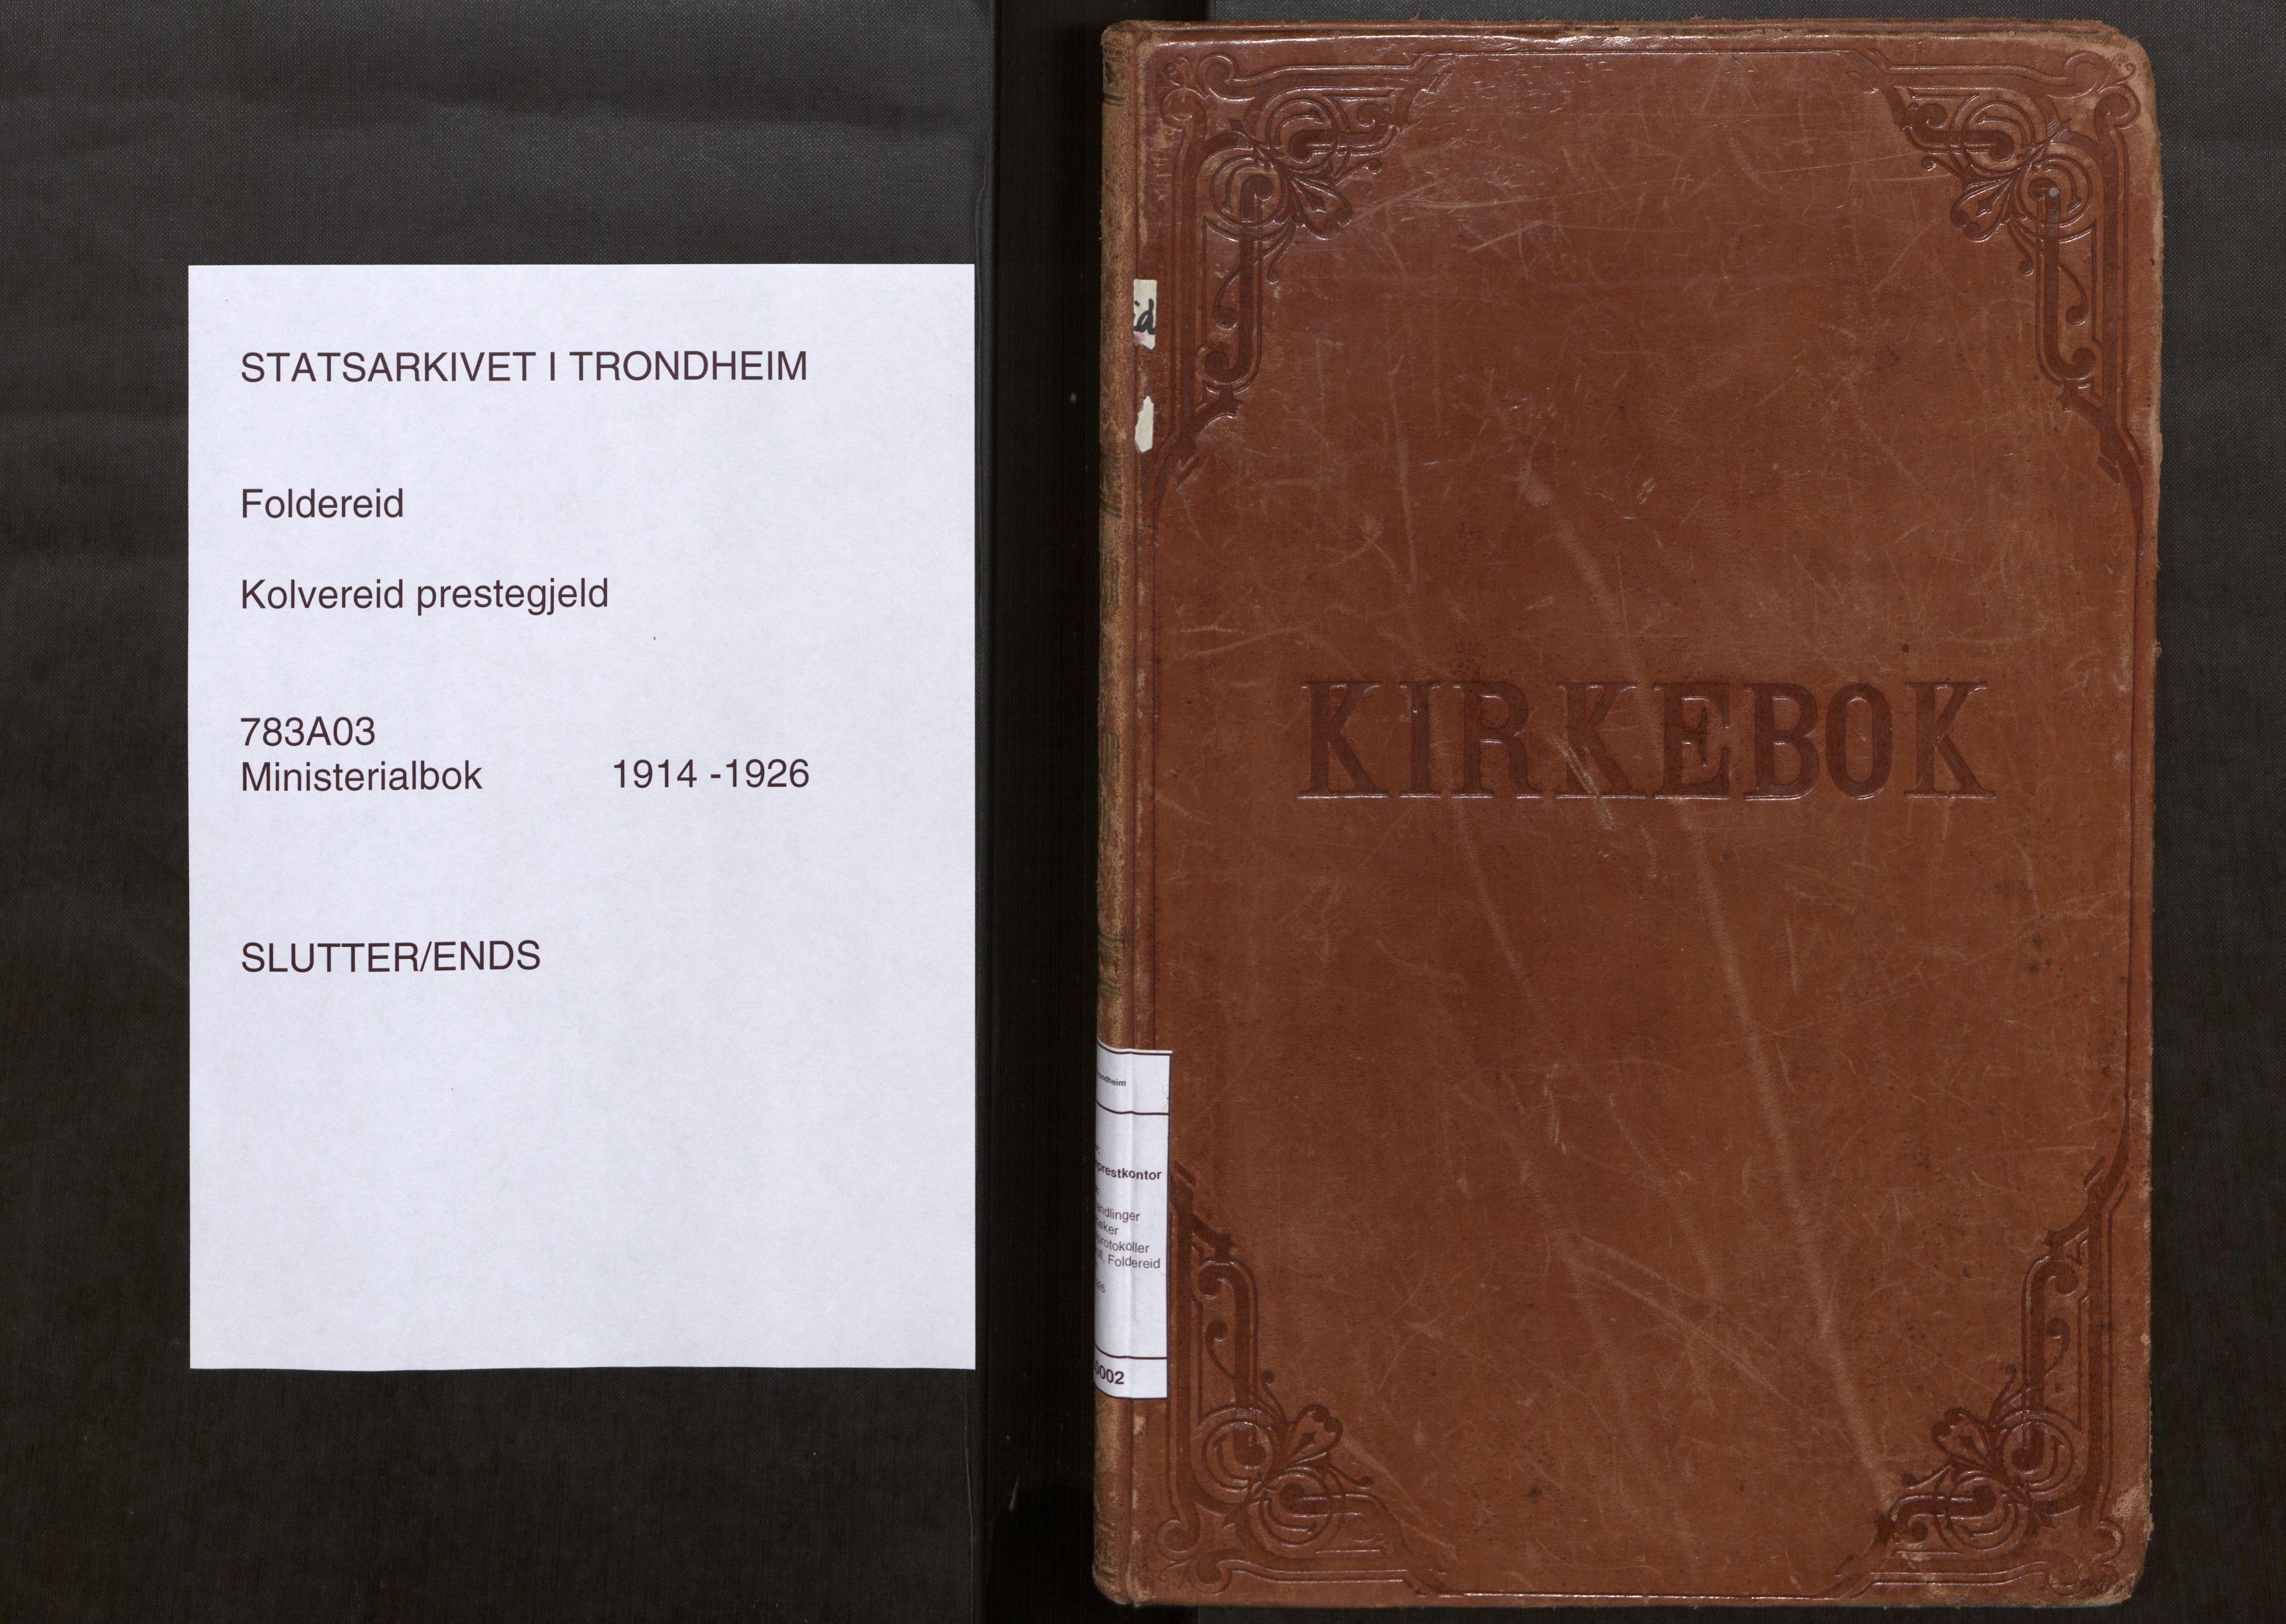 SAT, Kolvereid sokneprestkontor, H/Ha/Haa/L0002: Parish register (official) no. 2, 1914-1926